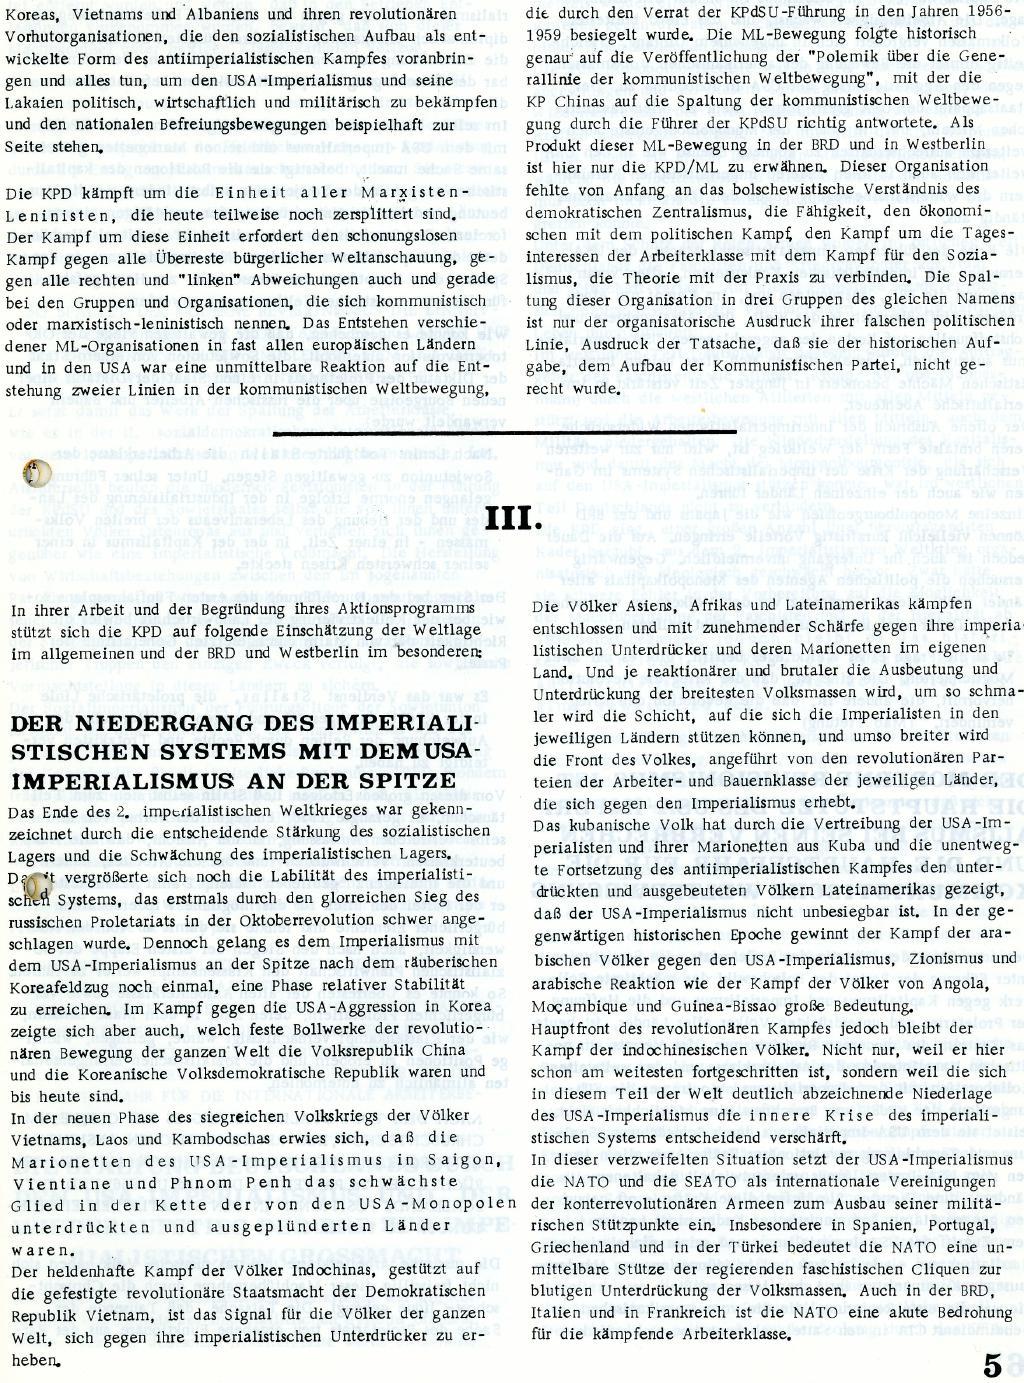 RPK_1971_126_127_05